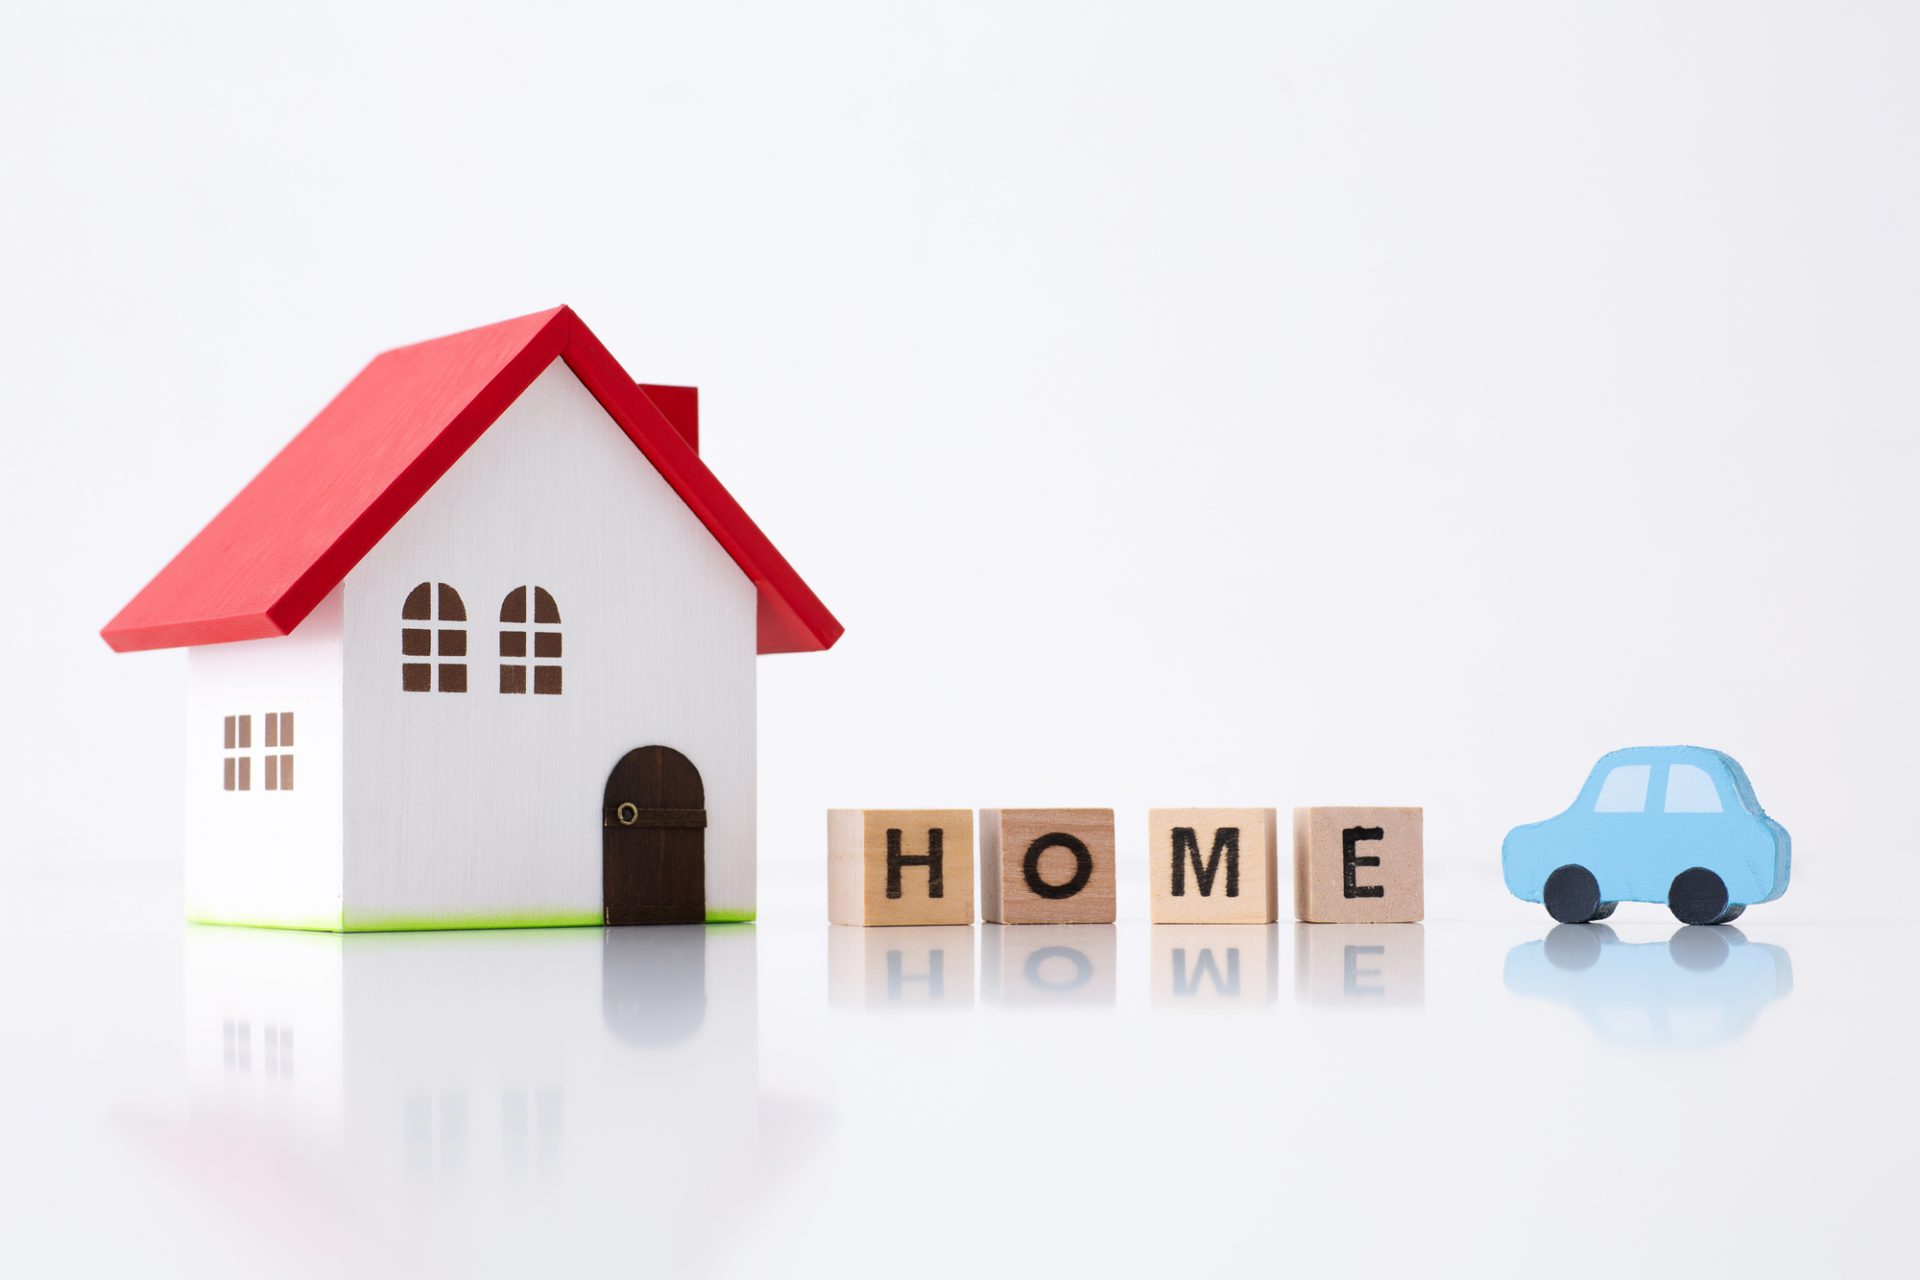 実家は二次相続まで考える!相続財産が住んでいた家しかない場合の対応法